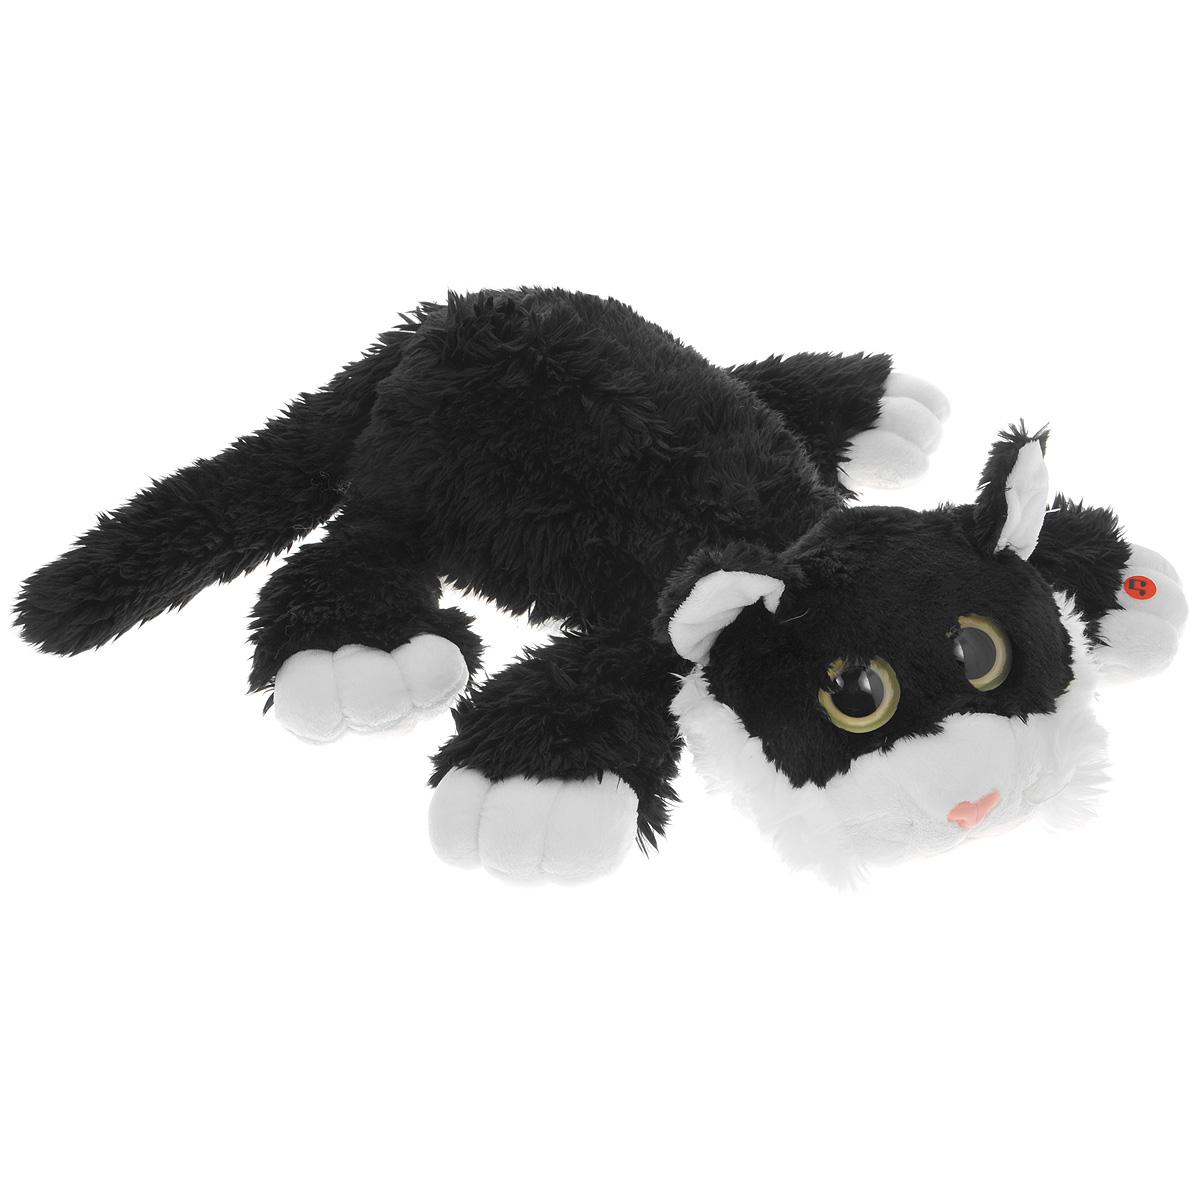 Мягкая игрушка Gulliver Котик Шалунишка, 22 см, в ассортименте18-3001-4Мягкая игрушка Котик Шалунишка изготовлена из приятного на ощупь искусственного меха и набита комбинированным наполнителем - синтепоном и гранулами полистирола. Мягкие игрушки Gulliver действуют позитивно на растущий детский организм, обучая ласке и доброте, улучшают настроение ребенка, развивают тактильную чувствительность, стимулируют зрительное восприятие, хватательные рефлексы и моторику рук. Продукция сертифицирована, экологически безопасна для ребенка, использованные красители не токсичны и гипоаллергенны. УВАЖАЕМЫЕ КЛИЕНТЫ! Товар поставляется в ассортименте. Поставка осуществляется в одном из приведенных вариантов в зависимости от наличия на складе.